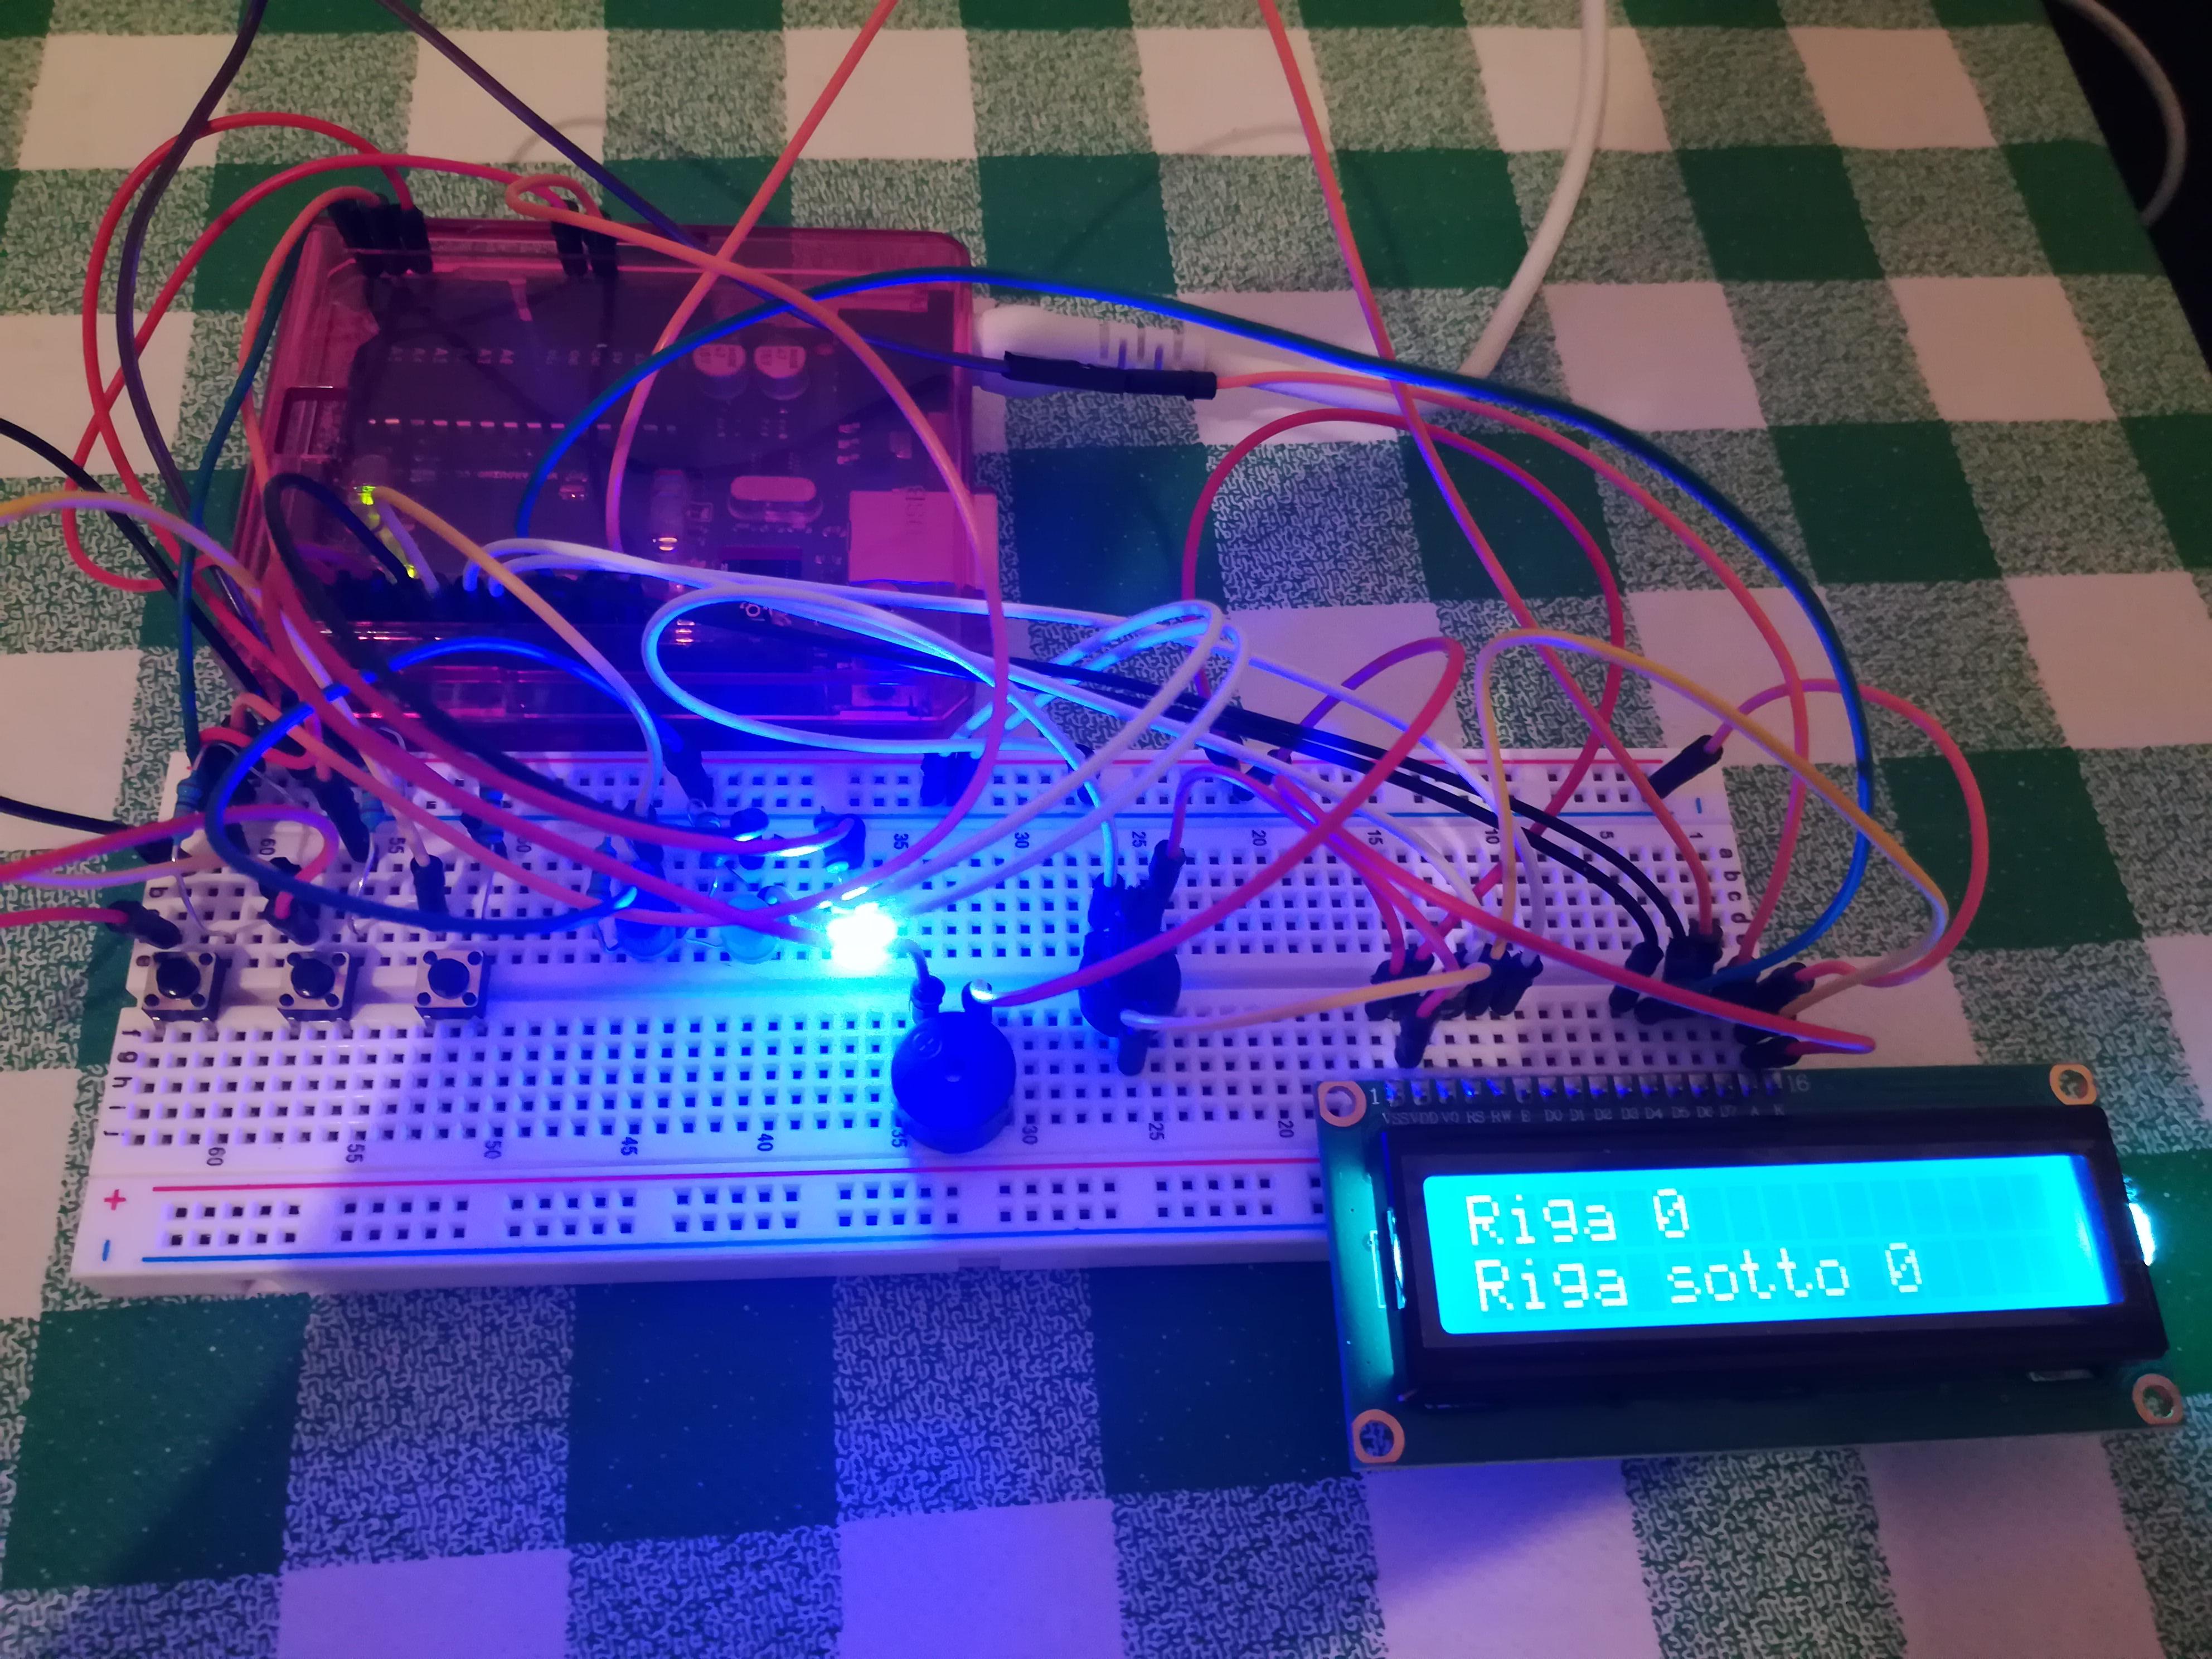 Arduino Uno collegato a un LCD che cambia testo in base al bottone cliccato